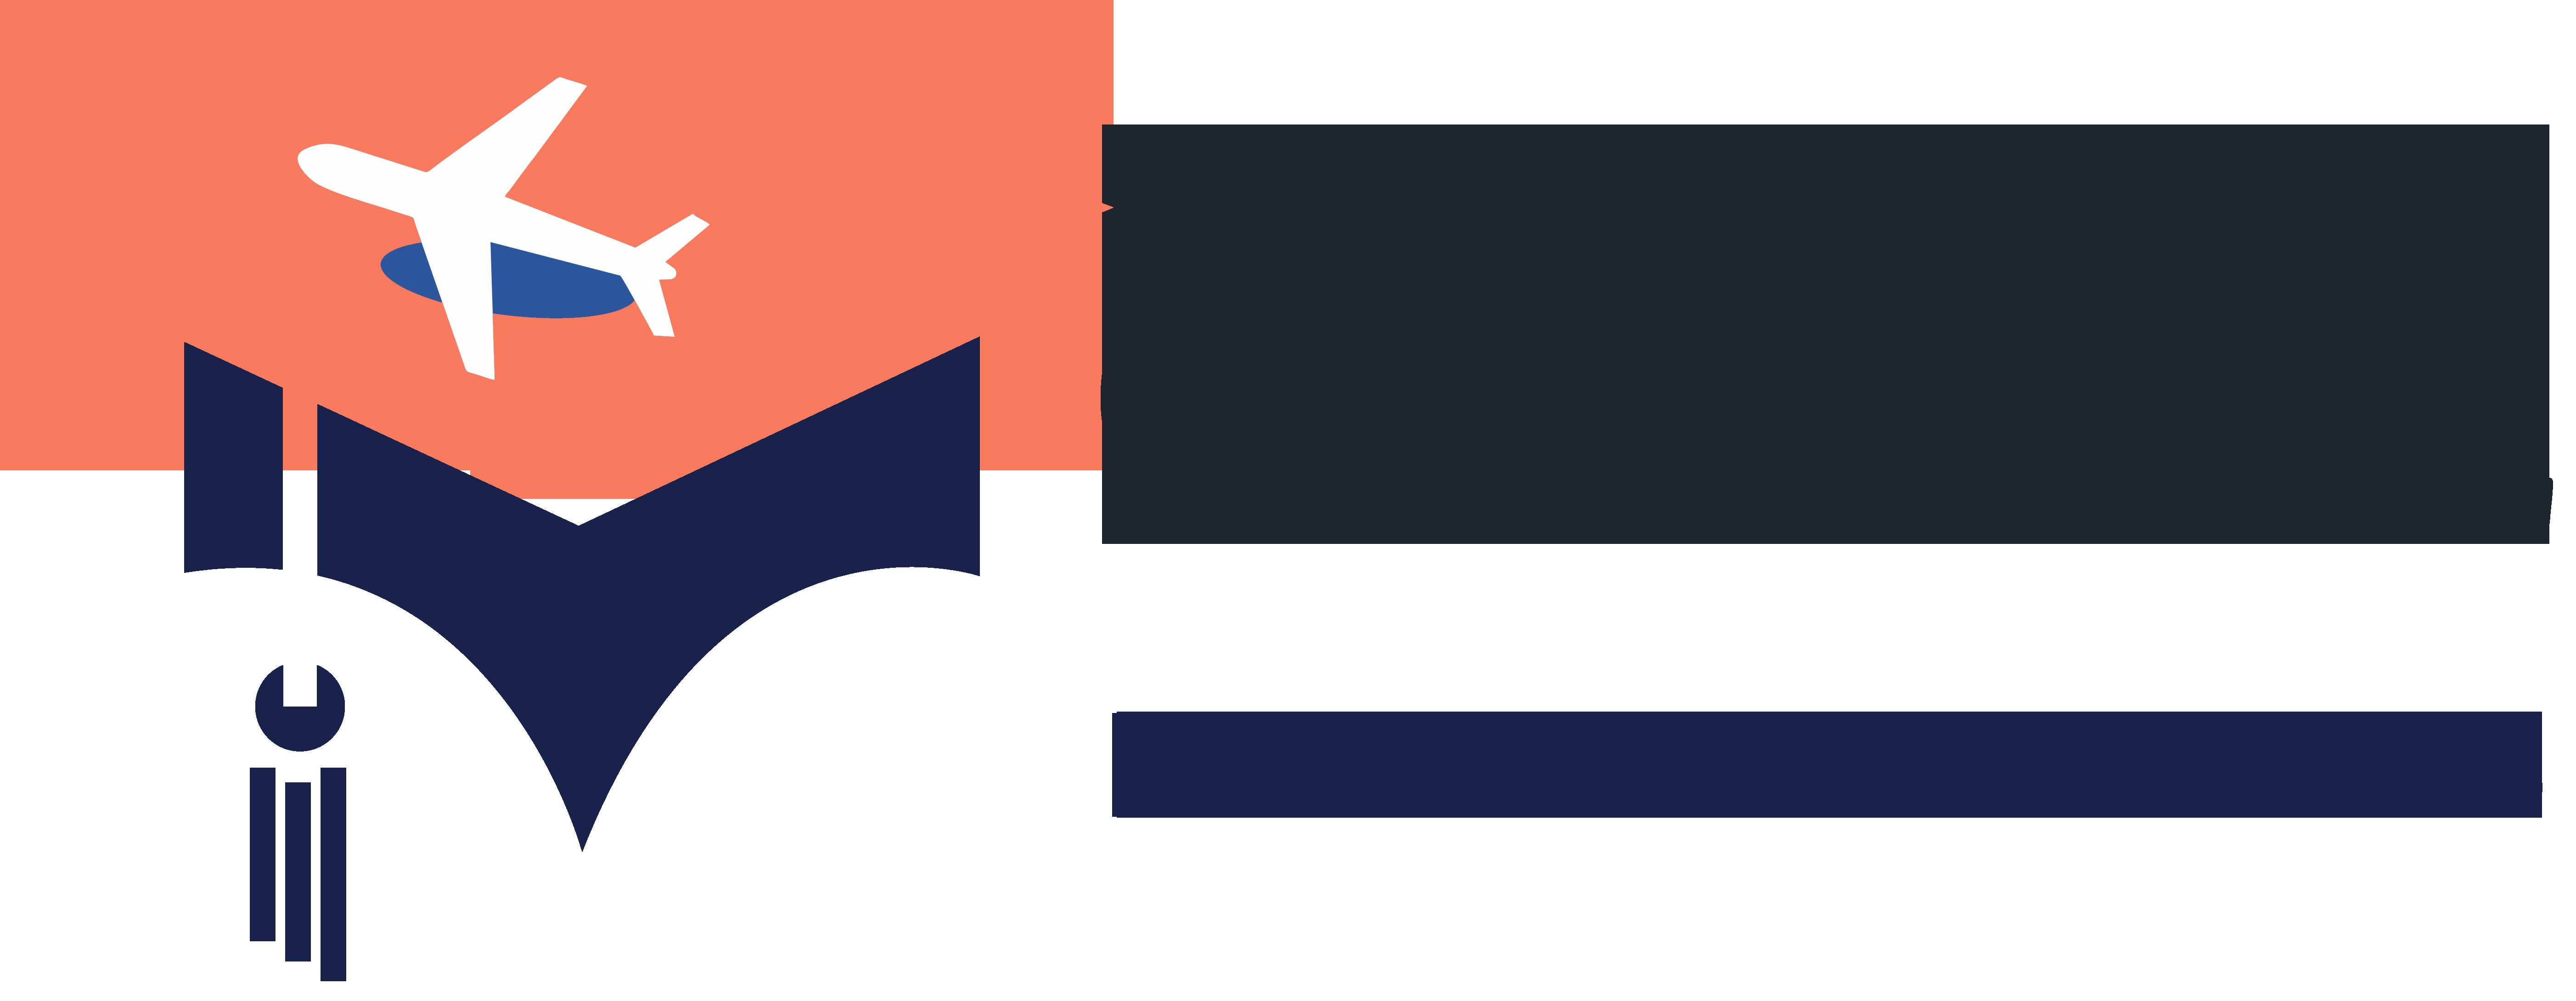 Alasht Education Services